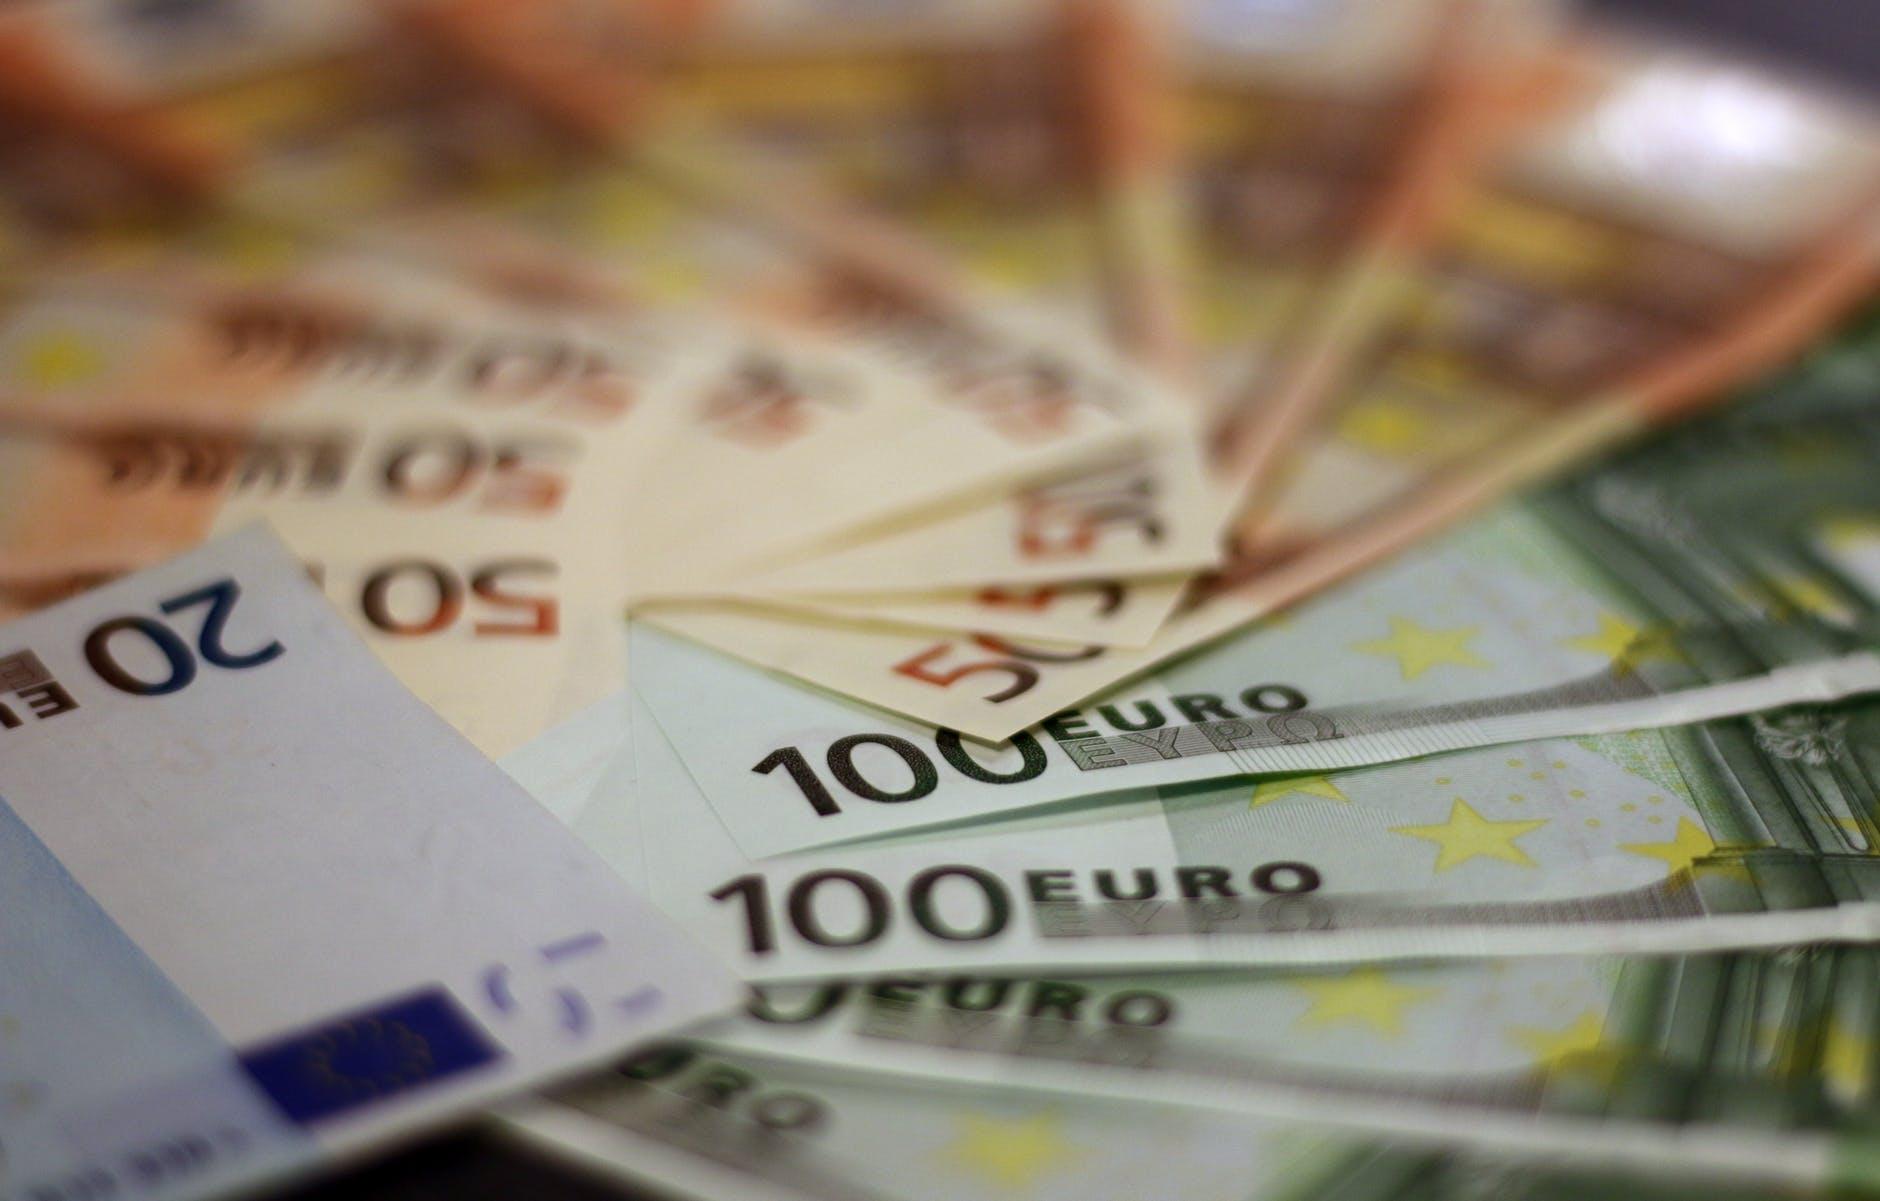 bank notes bill bills blur